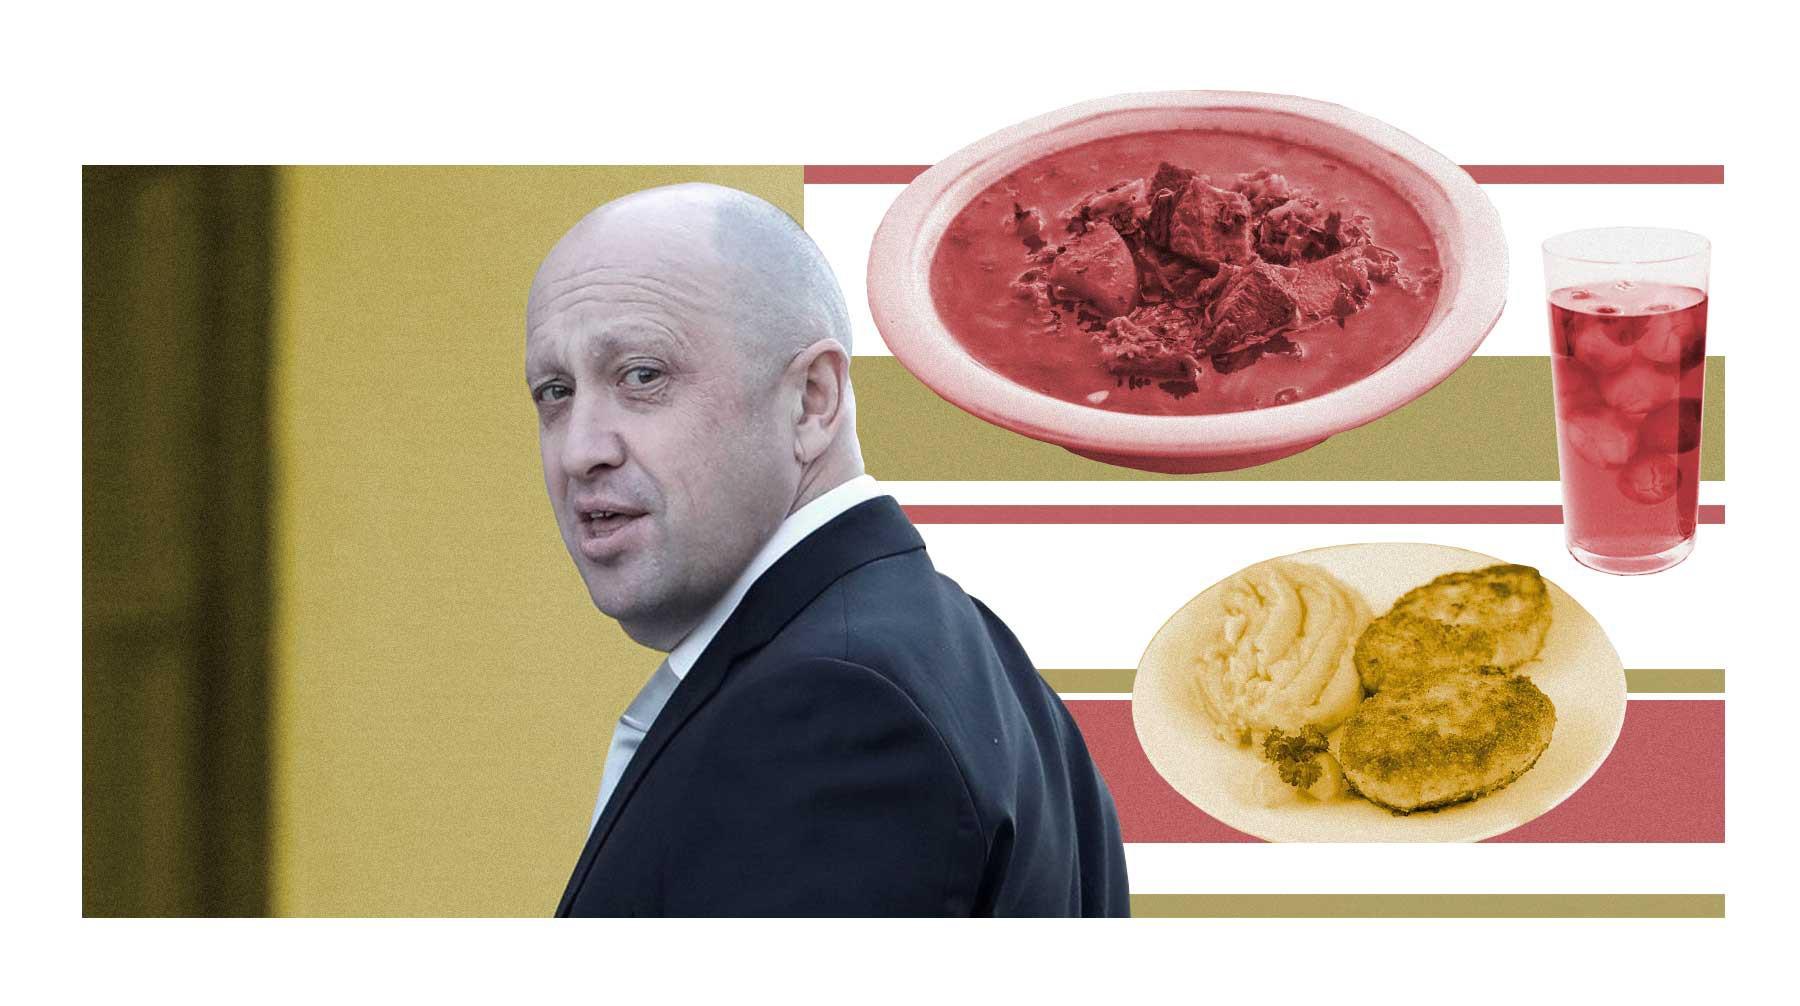 Dailystorm - Компания, связанная с Евгением Пригожиным, получит три миллиарда рублей на поставках еды для пациентов